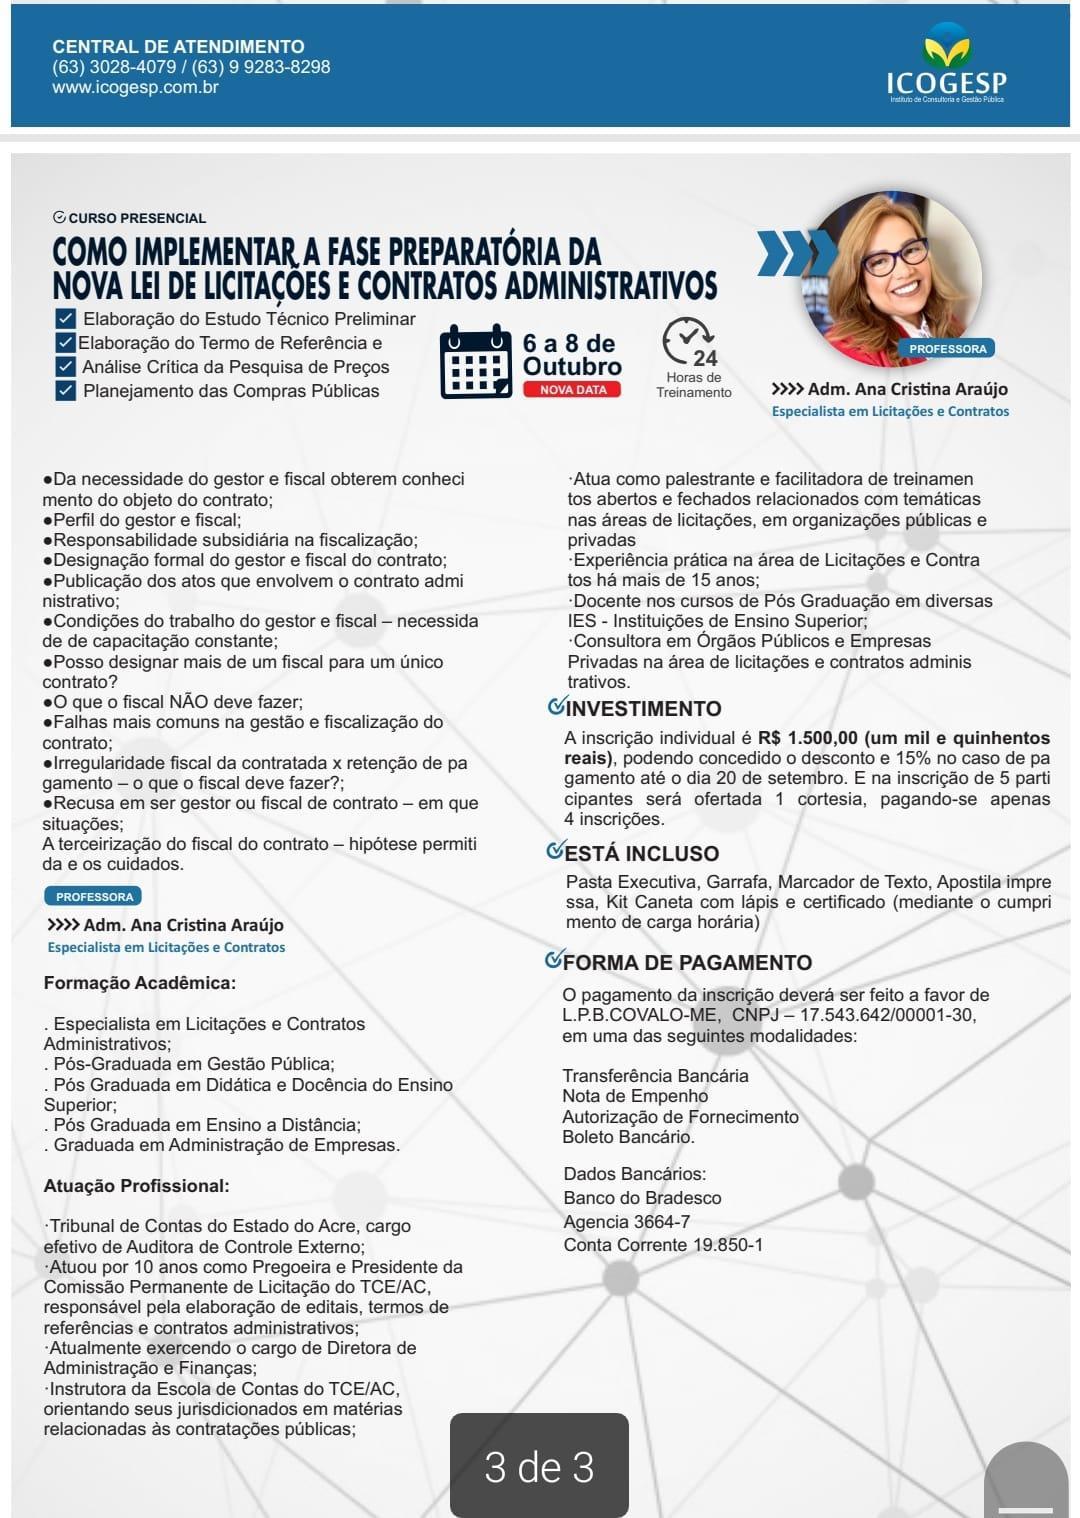 CURSO: Como implementar a fase preparatória da Nova Lei de Licitações e contratos administrativos